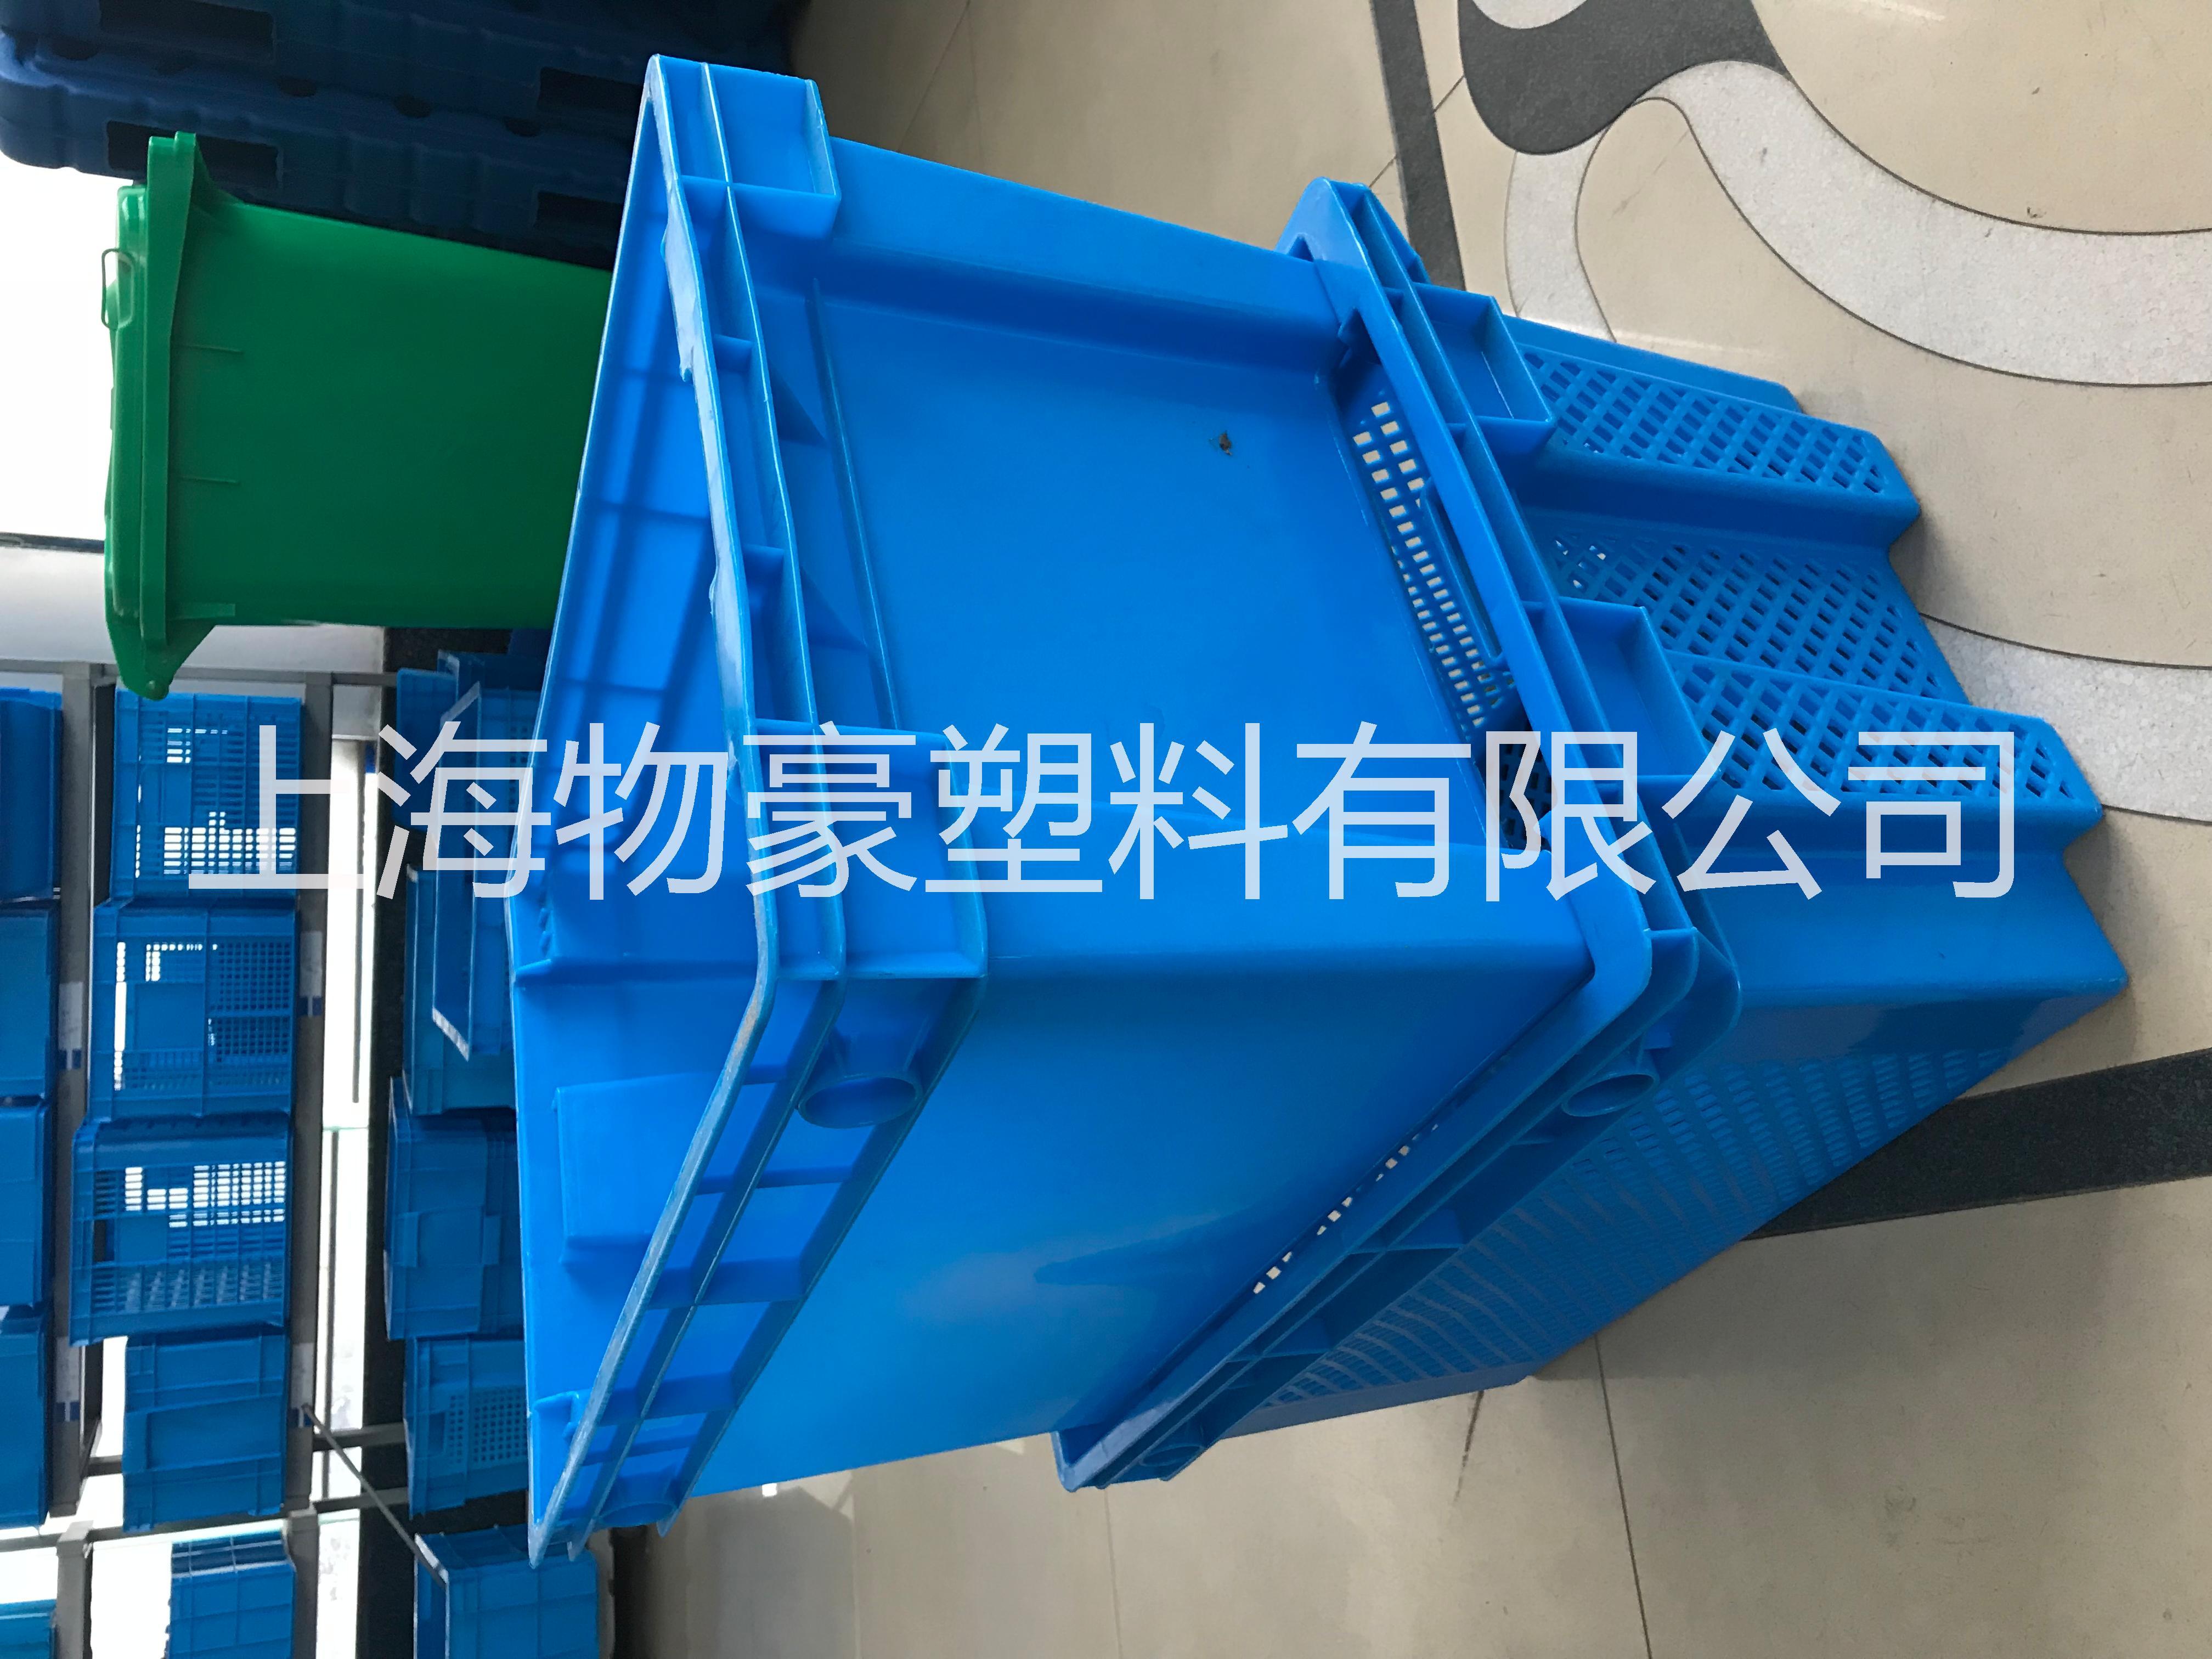 塑料周转箱上海塑料箱厂报价表上海塑料箱批发价格|上海塑料箱厂家直销  食品级塑料错位筐  食品级塑料错位箱蔬菜筐